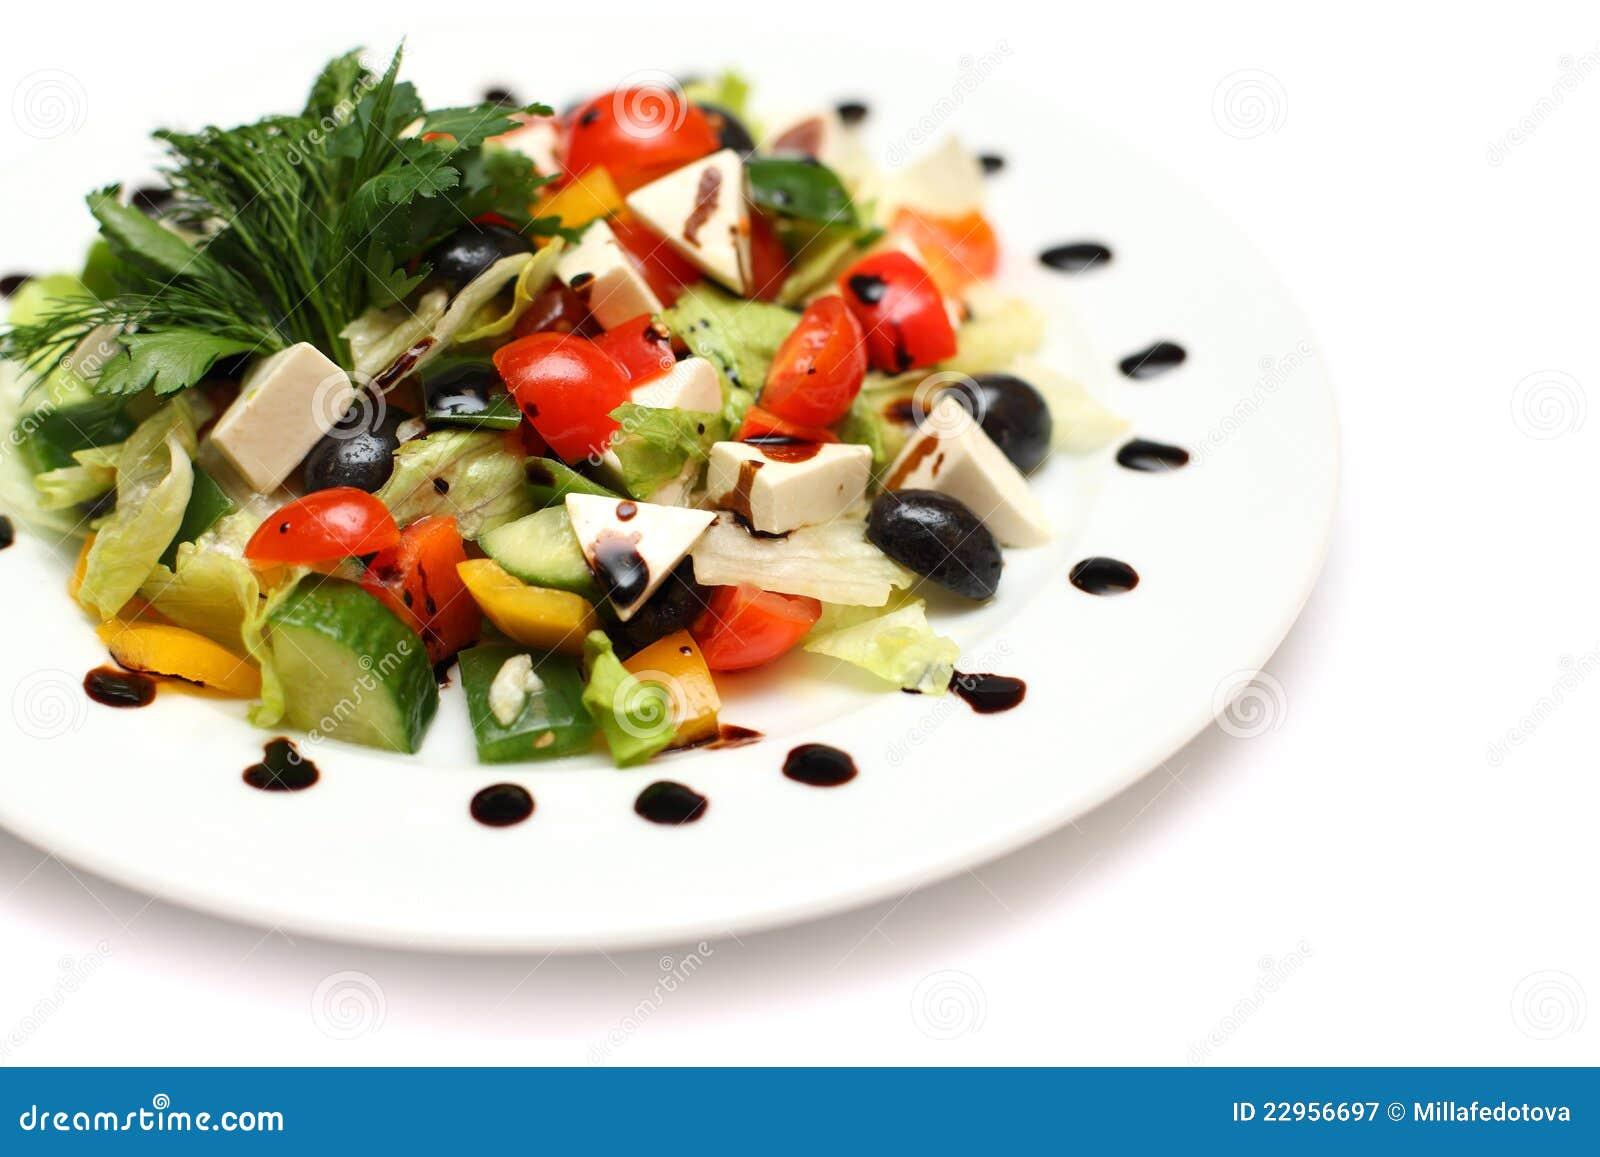 Greek Salad - gourmet food